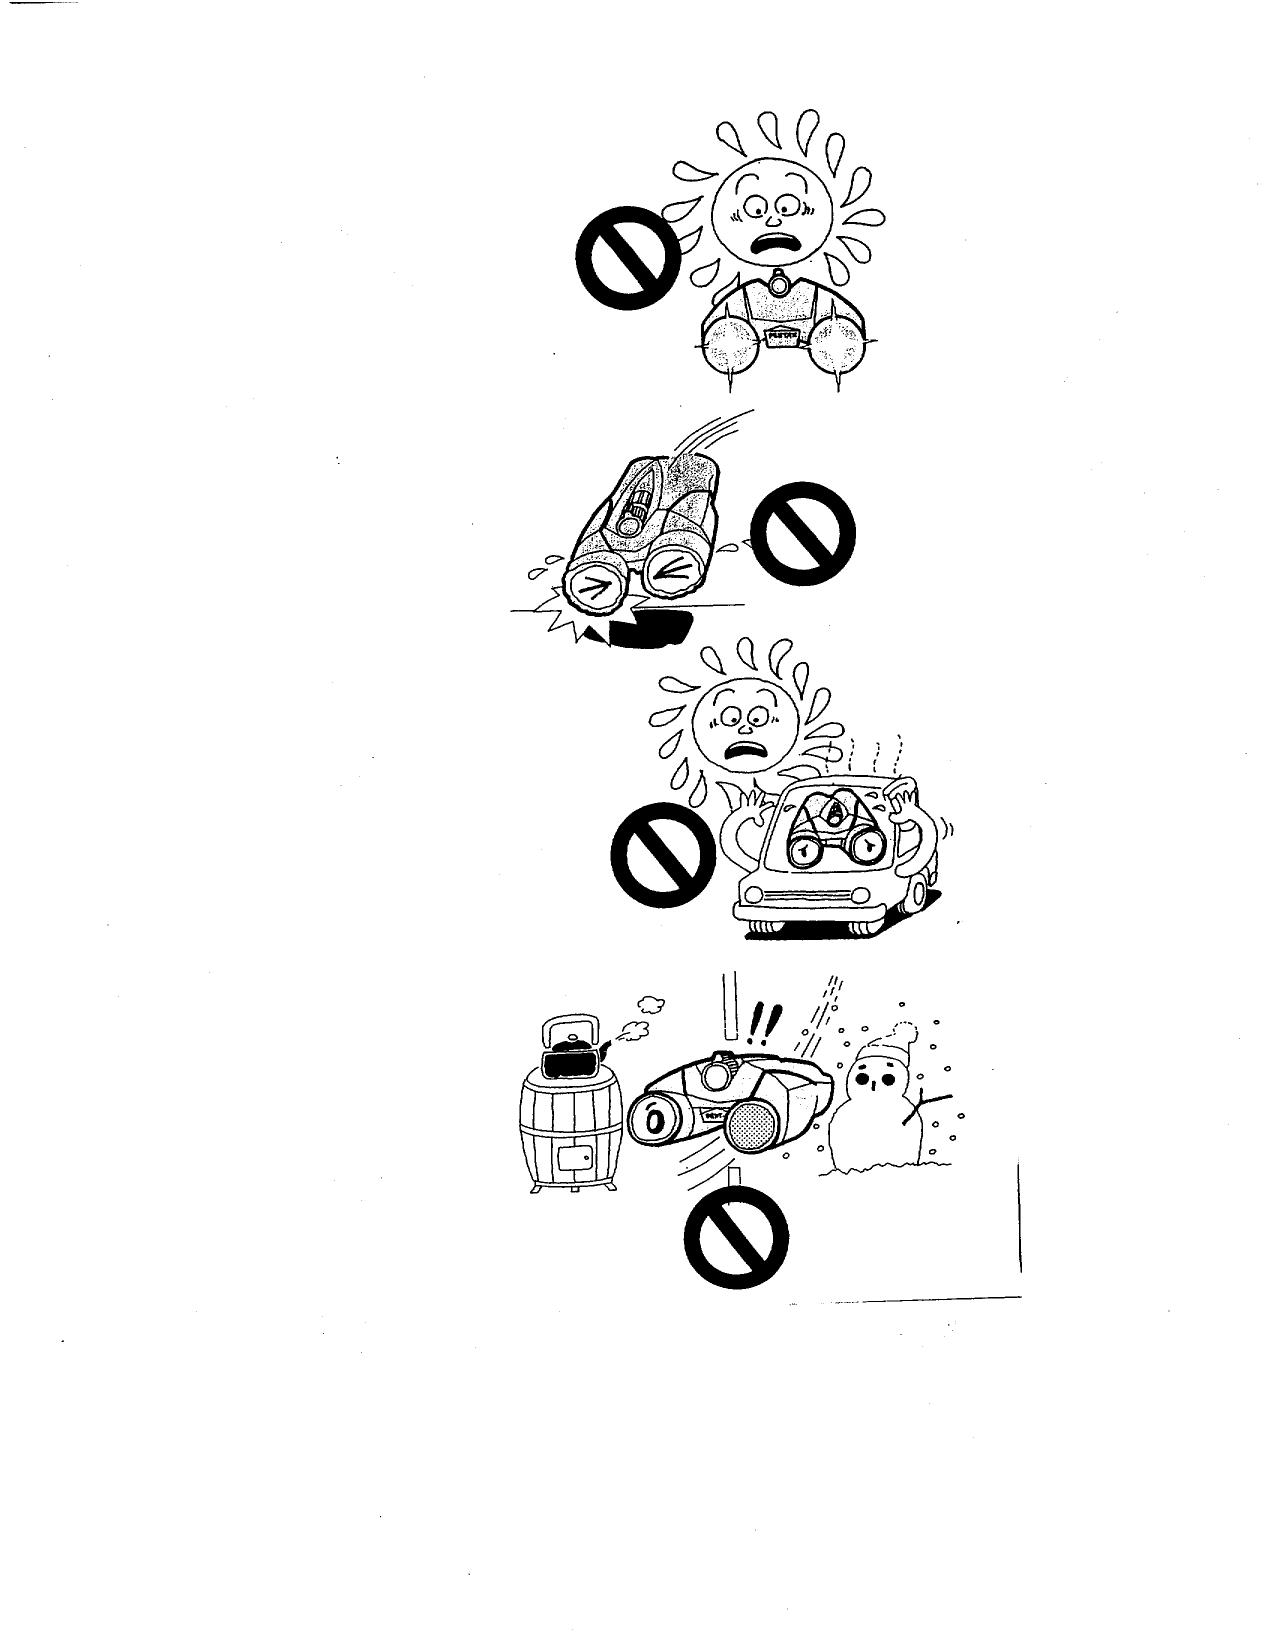 PDF manual for Pentax Binocular UCF Zoom II 8-16x21